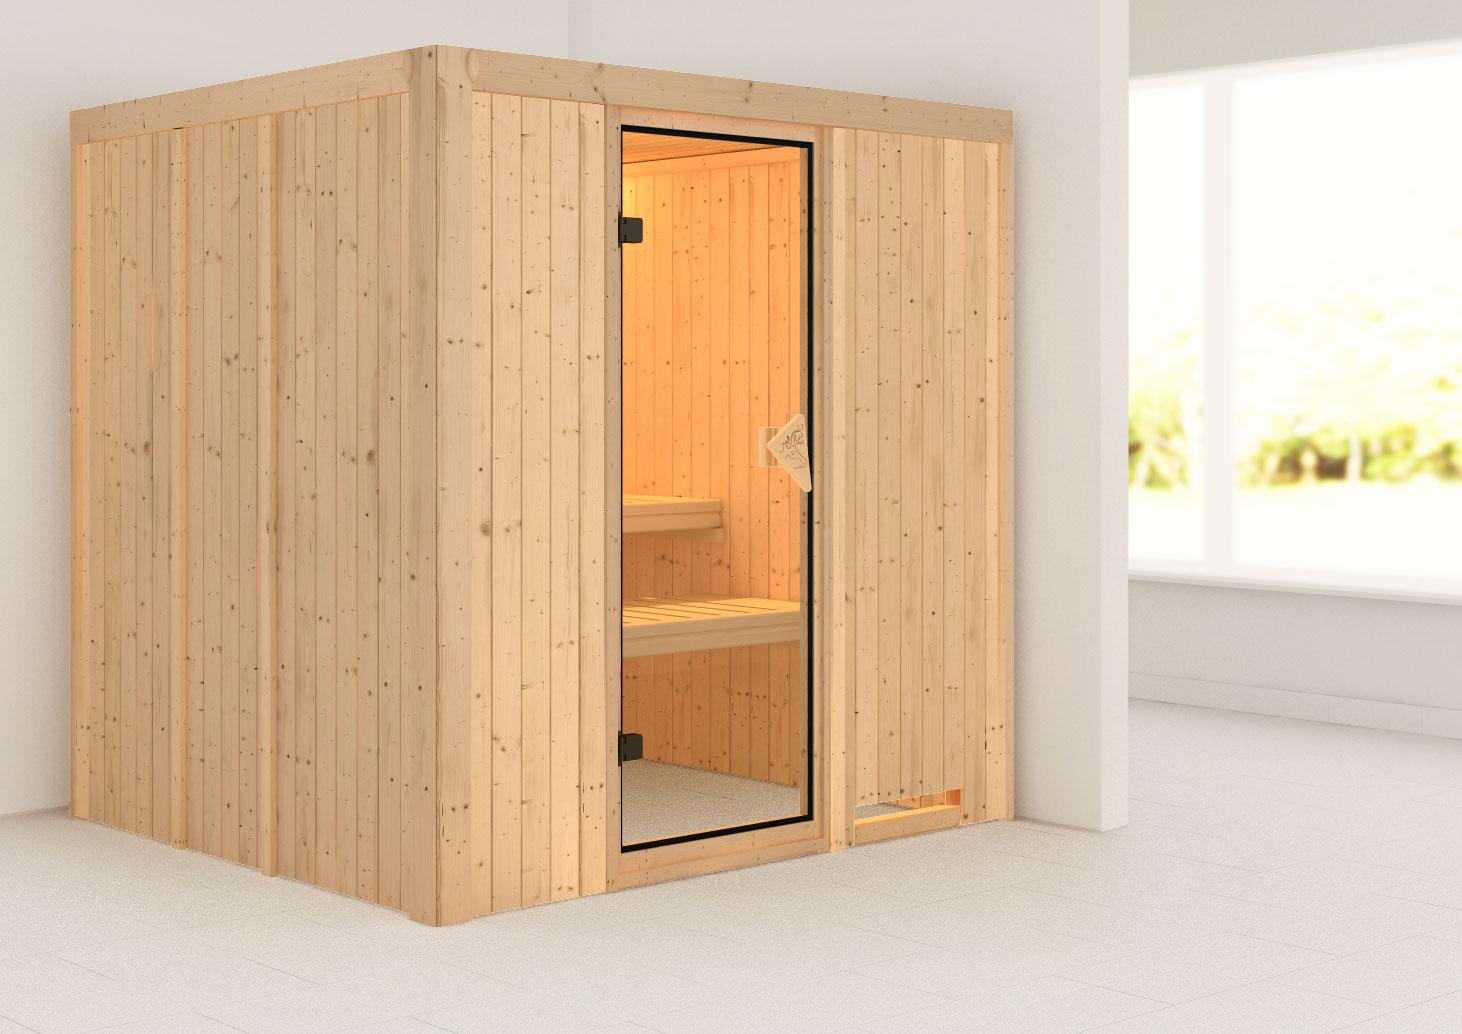 Karibu Sauna Sodin 68mm ohne Ofen classic Tür Bild 1